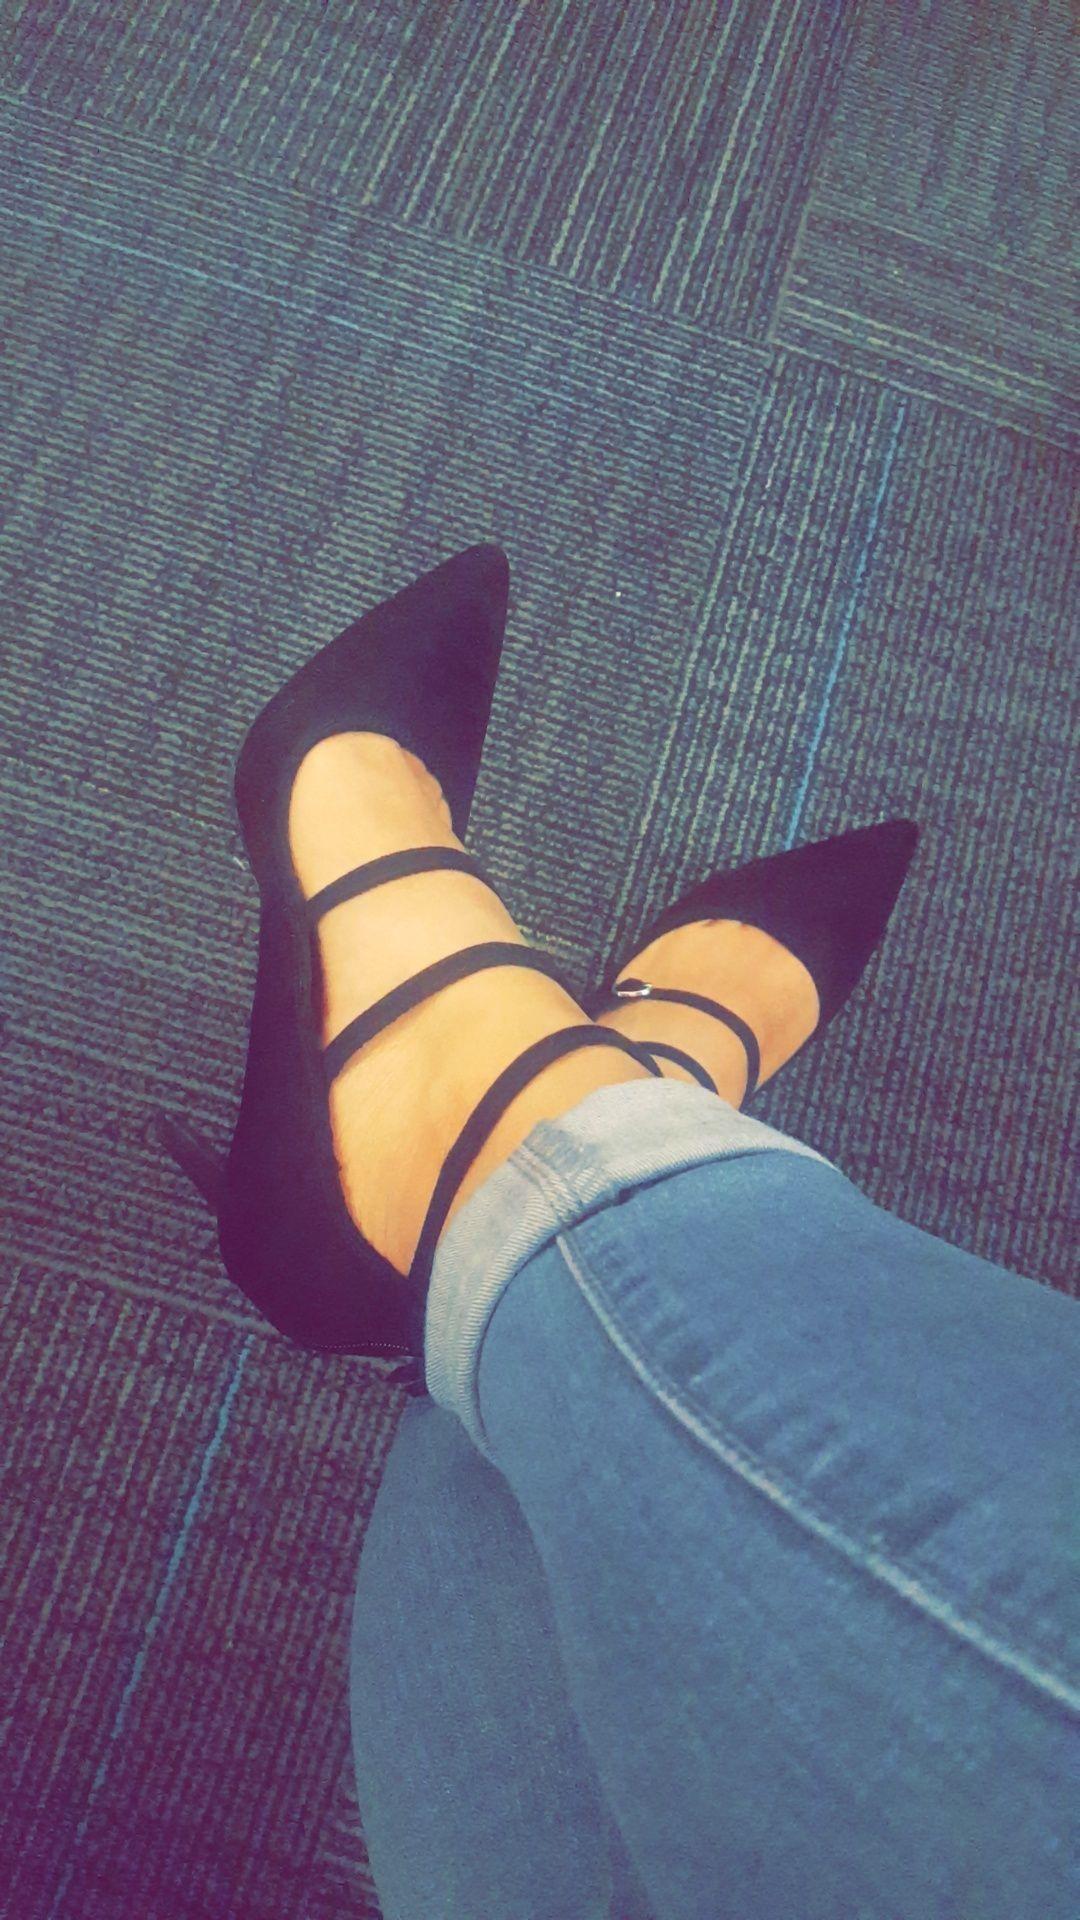 5bf64edde564 Zapatos tacones   tumblr   Fotos de novios tumblr, Zapatos mujer y ...